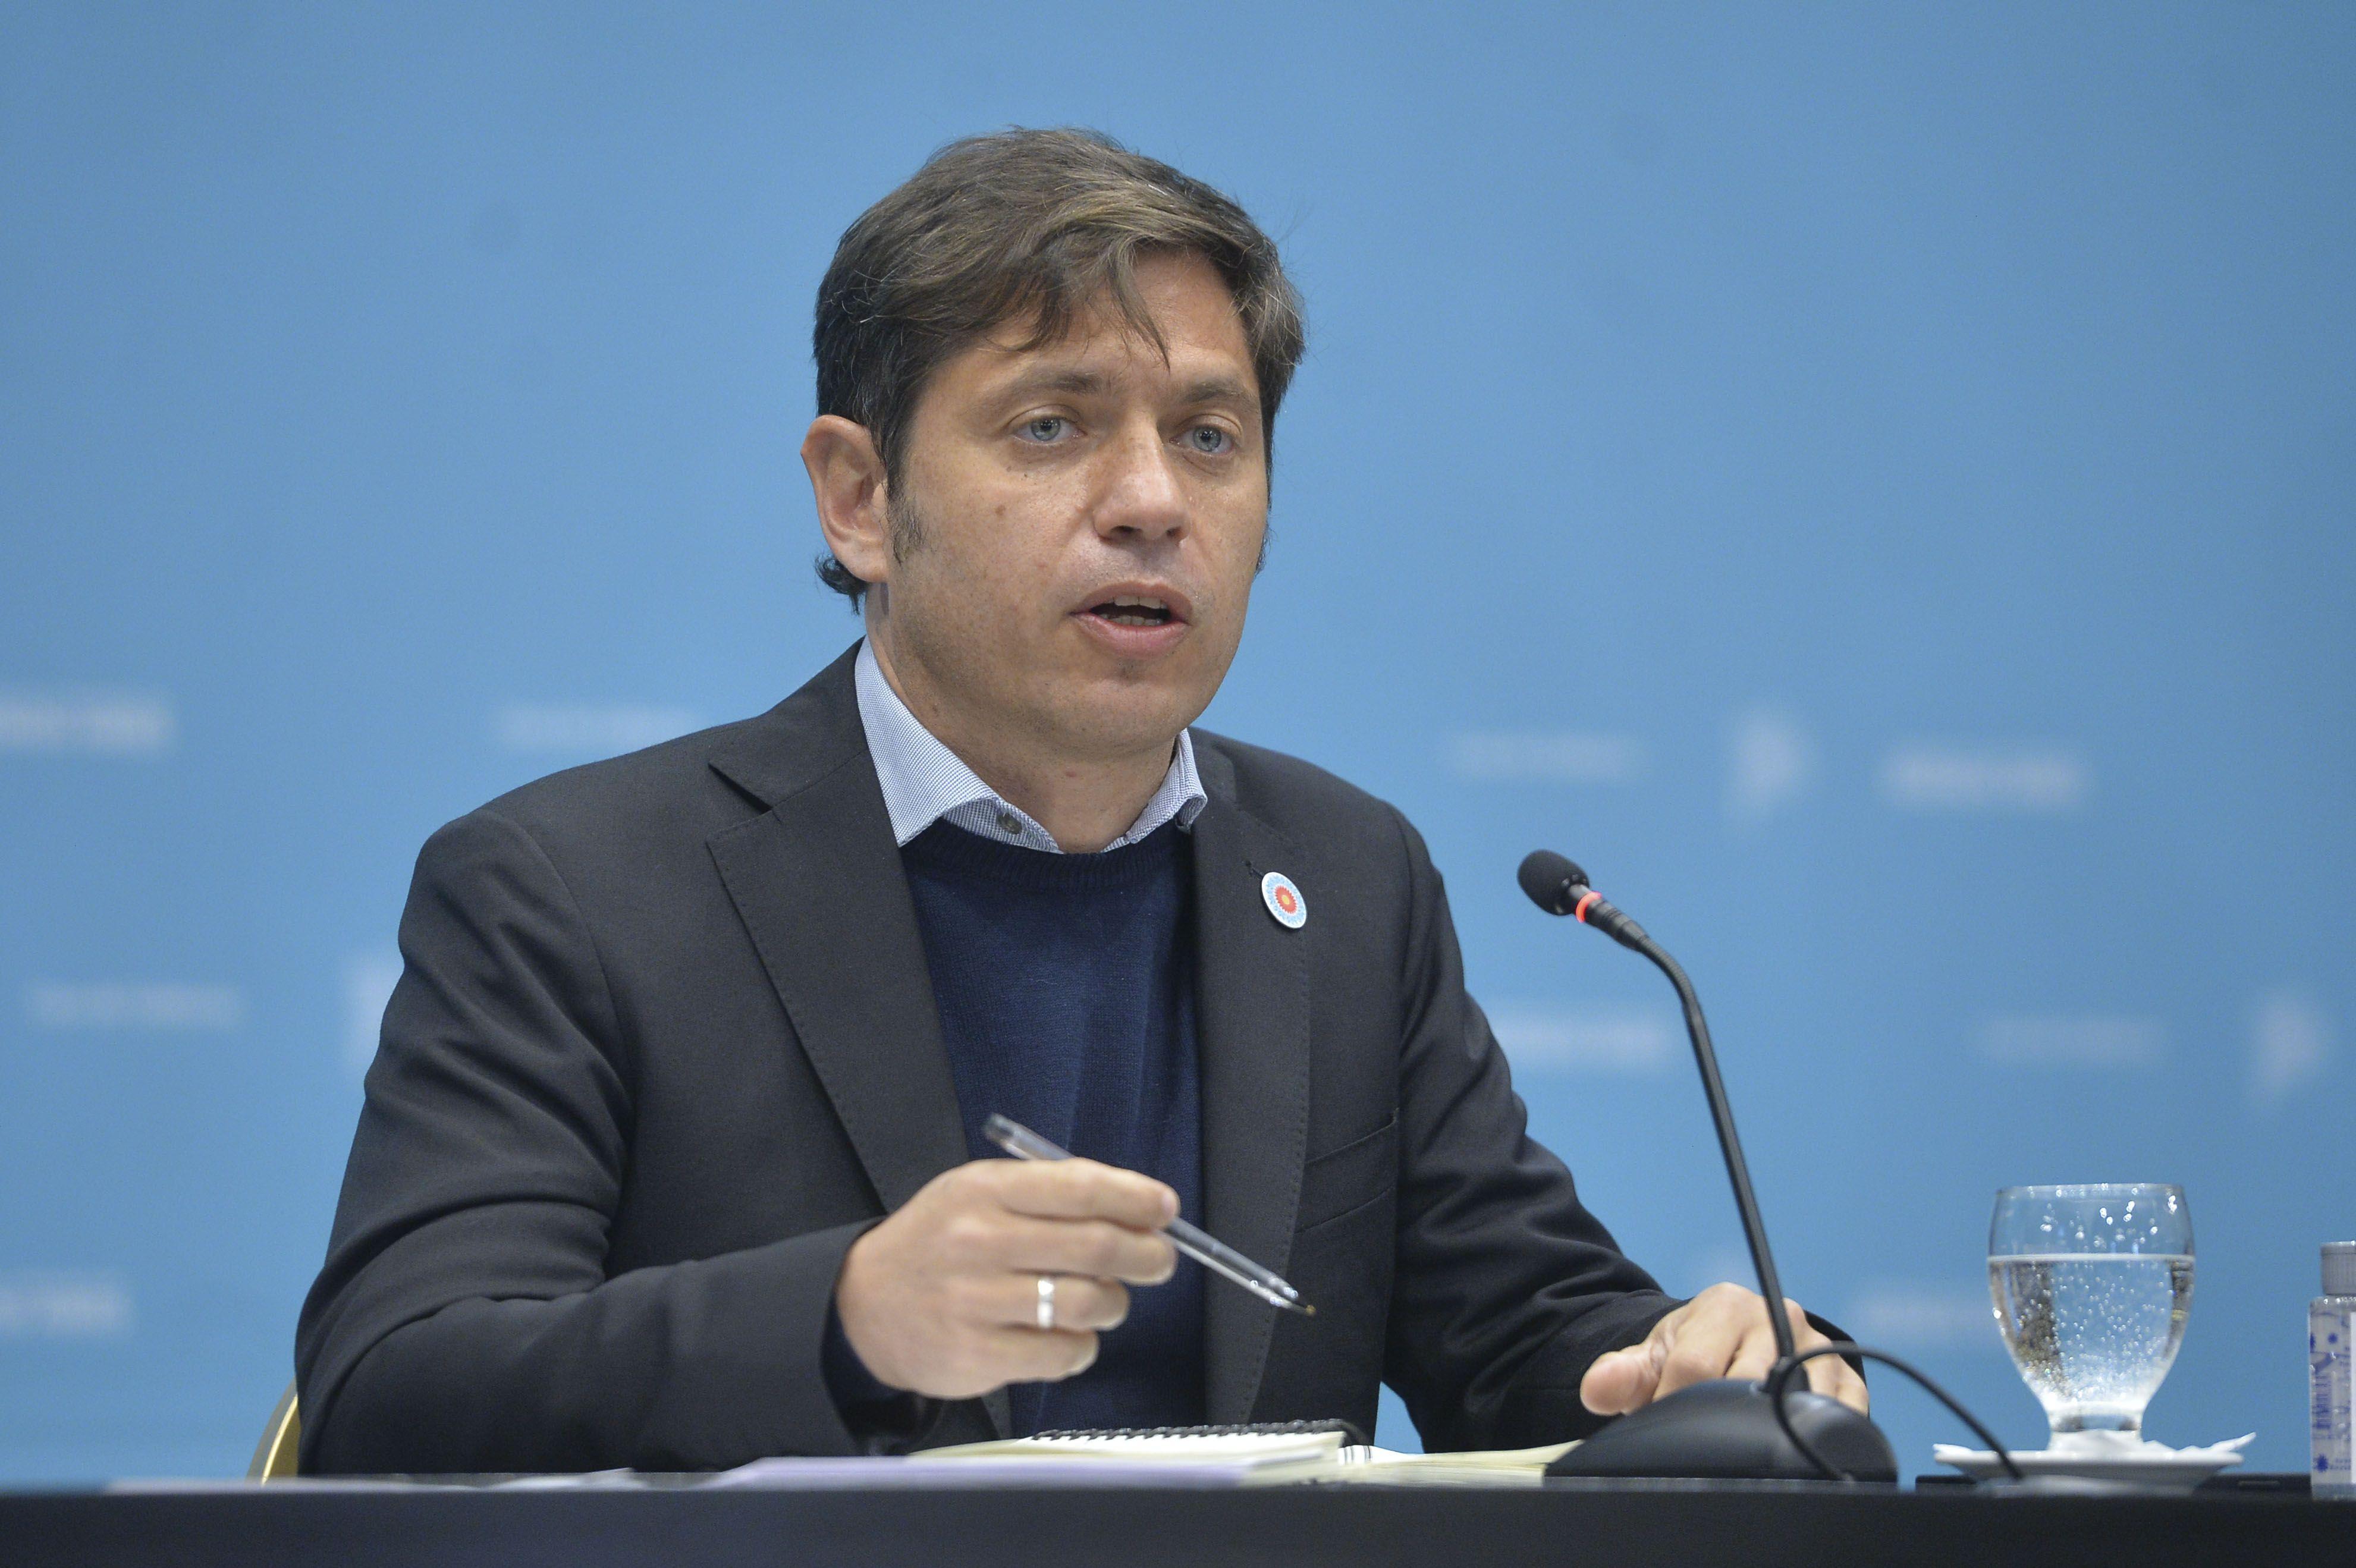 Axel Kicillof criticó la gestión económica de Macri y Vidal